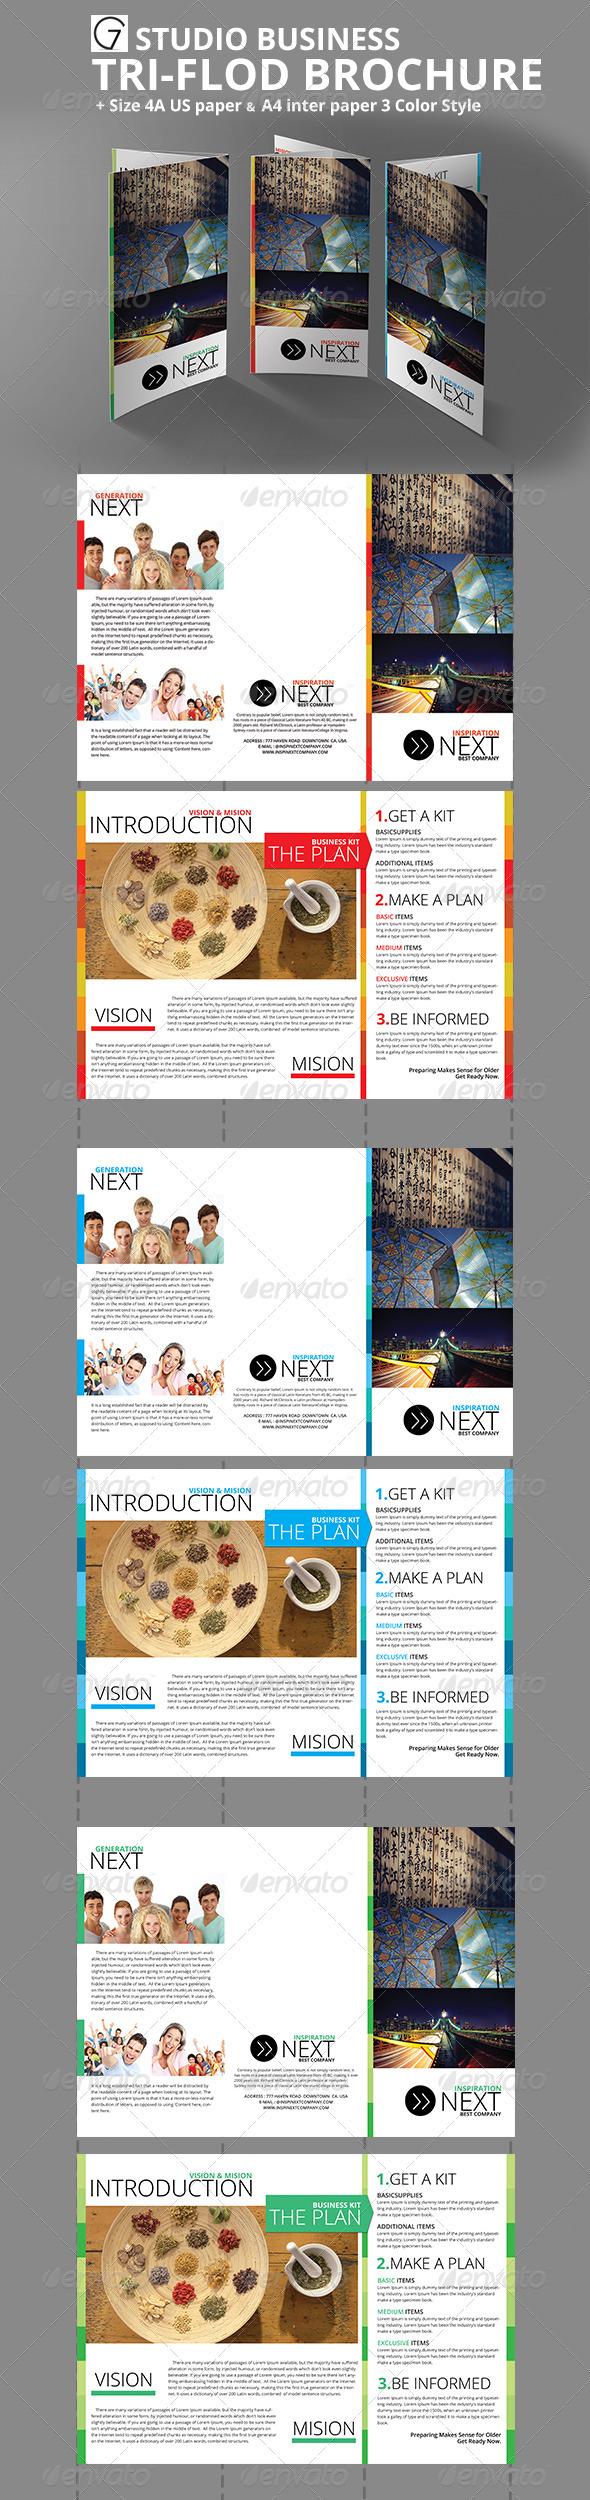 Gstudio Business Tri-Fold Brochure - Corporate Brochures